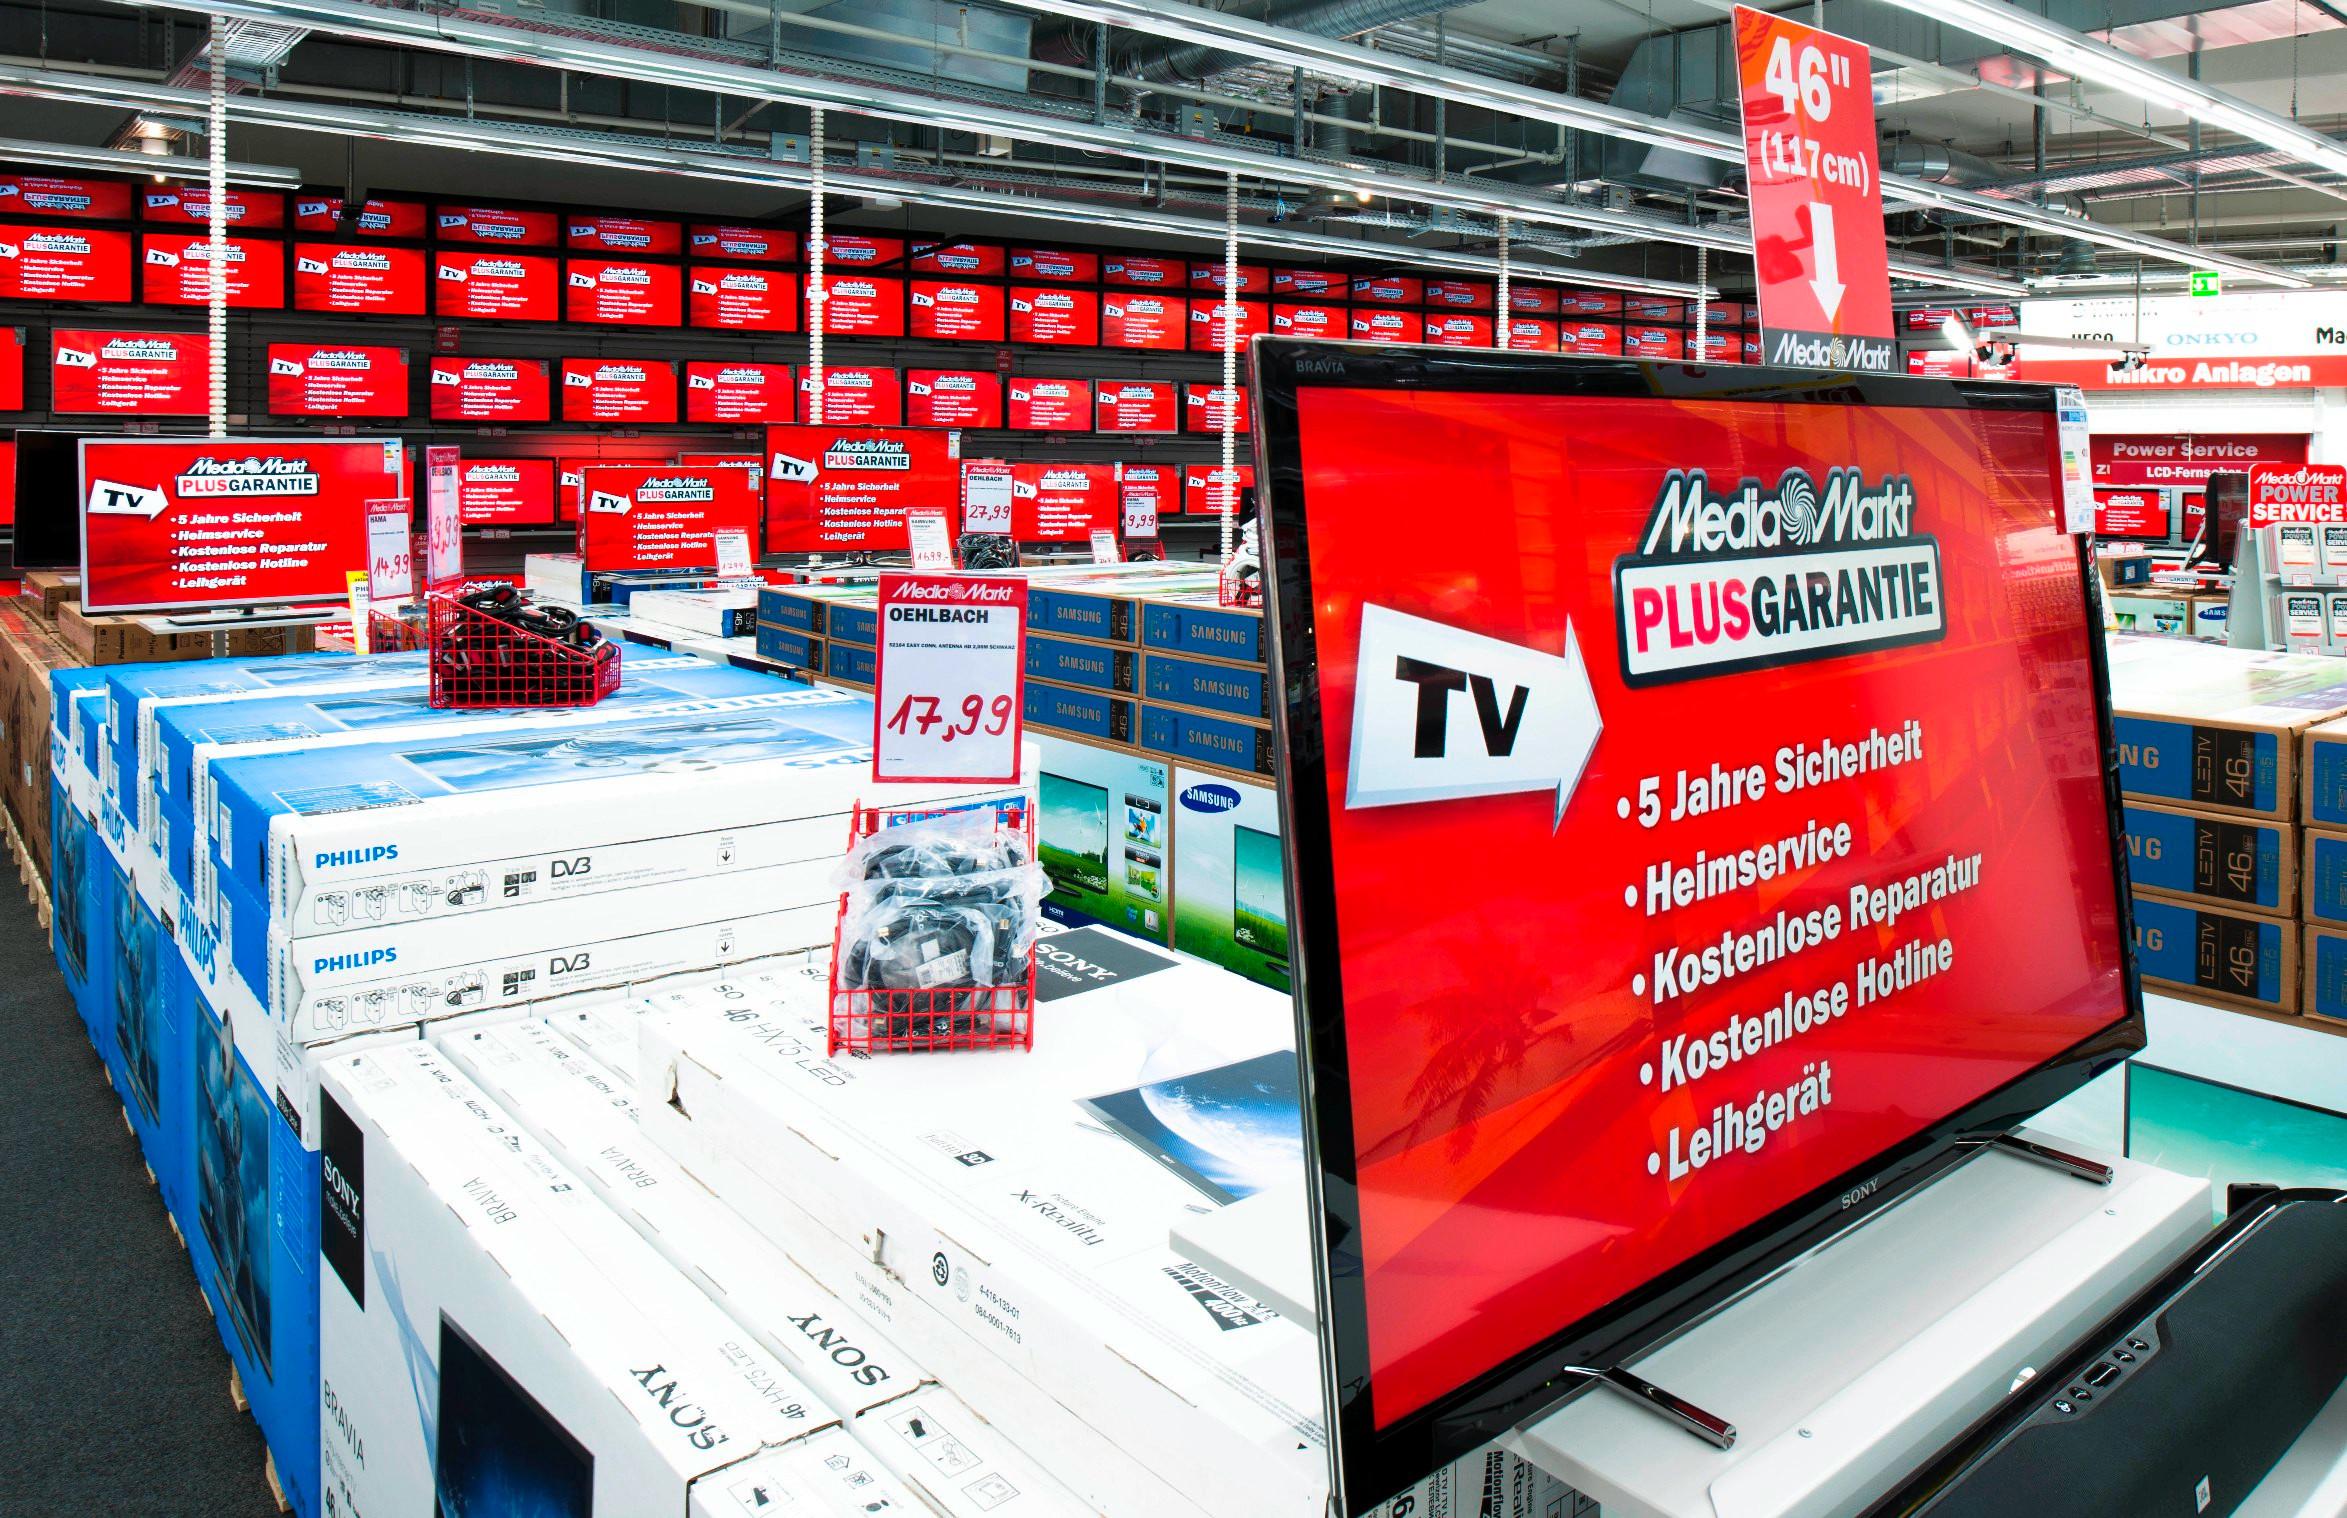 mediamarkt-tv